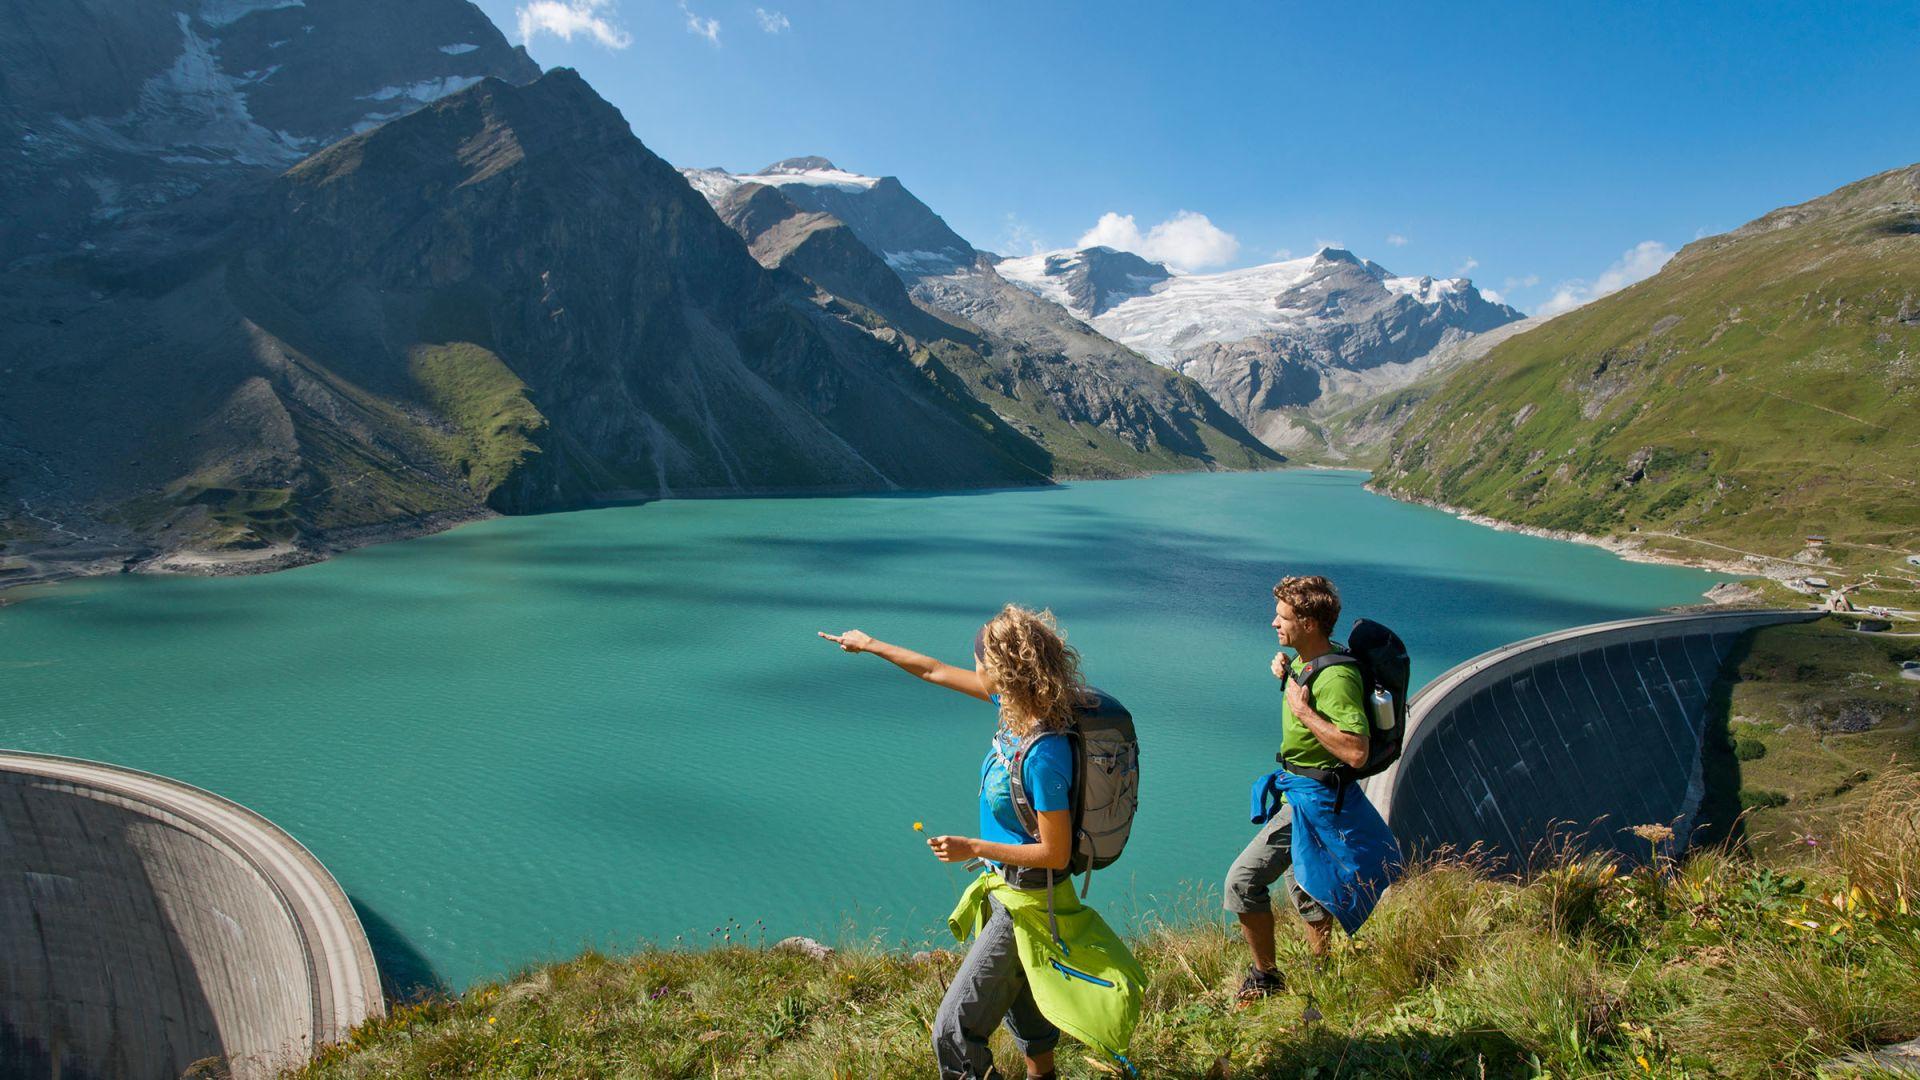 Klettersteig Zell Am See : Zell am see: sommerurlaub zwischen gletschern bergen und seen